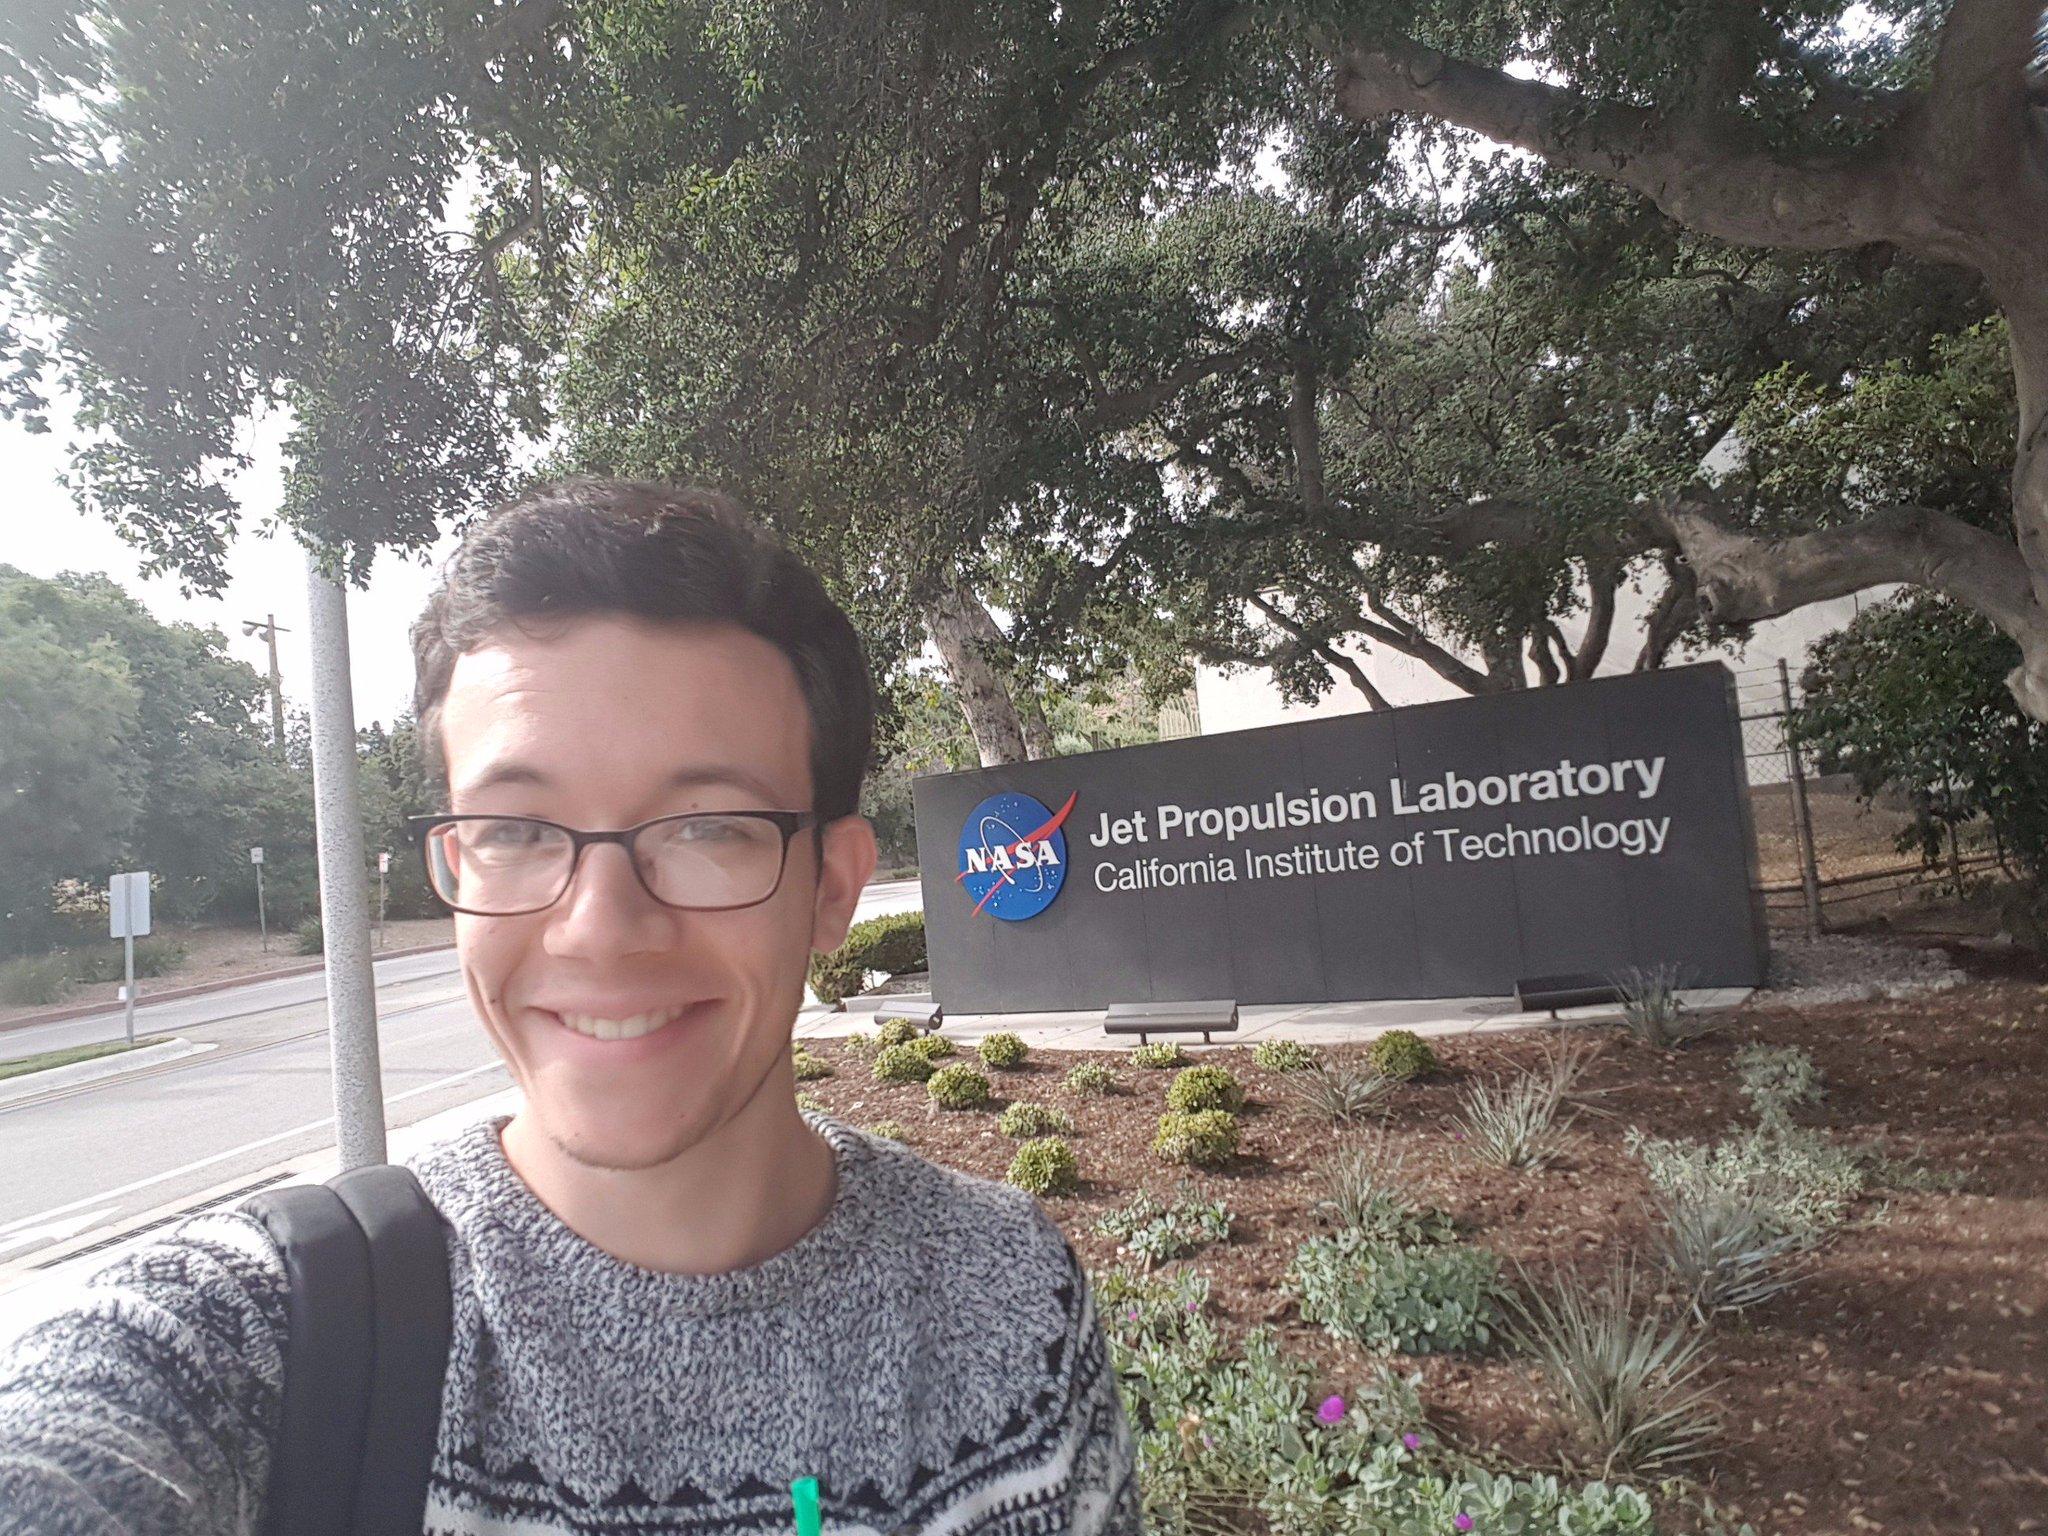 Bonjour à tous ! Ici Charlie, M1 de physique à l'@ENS_ParisSaclay, co-auteur du blog @WattsUpScience et actuellement en stage à la @NASA ! https://t.co/b9F4QIhT2e